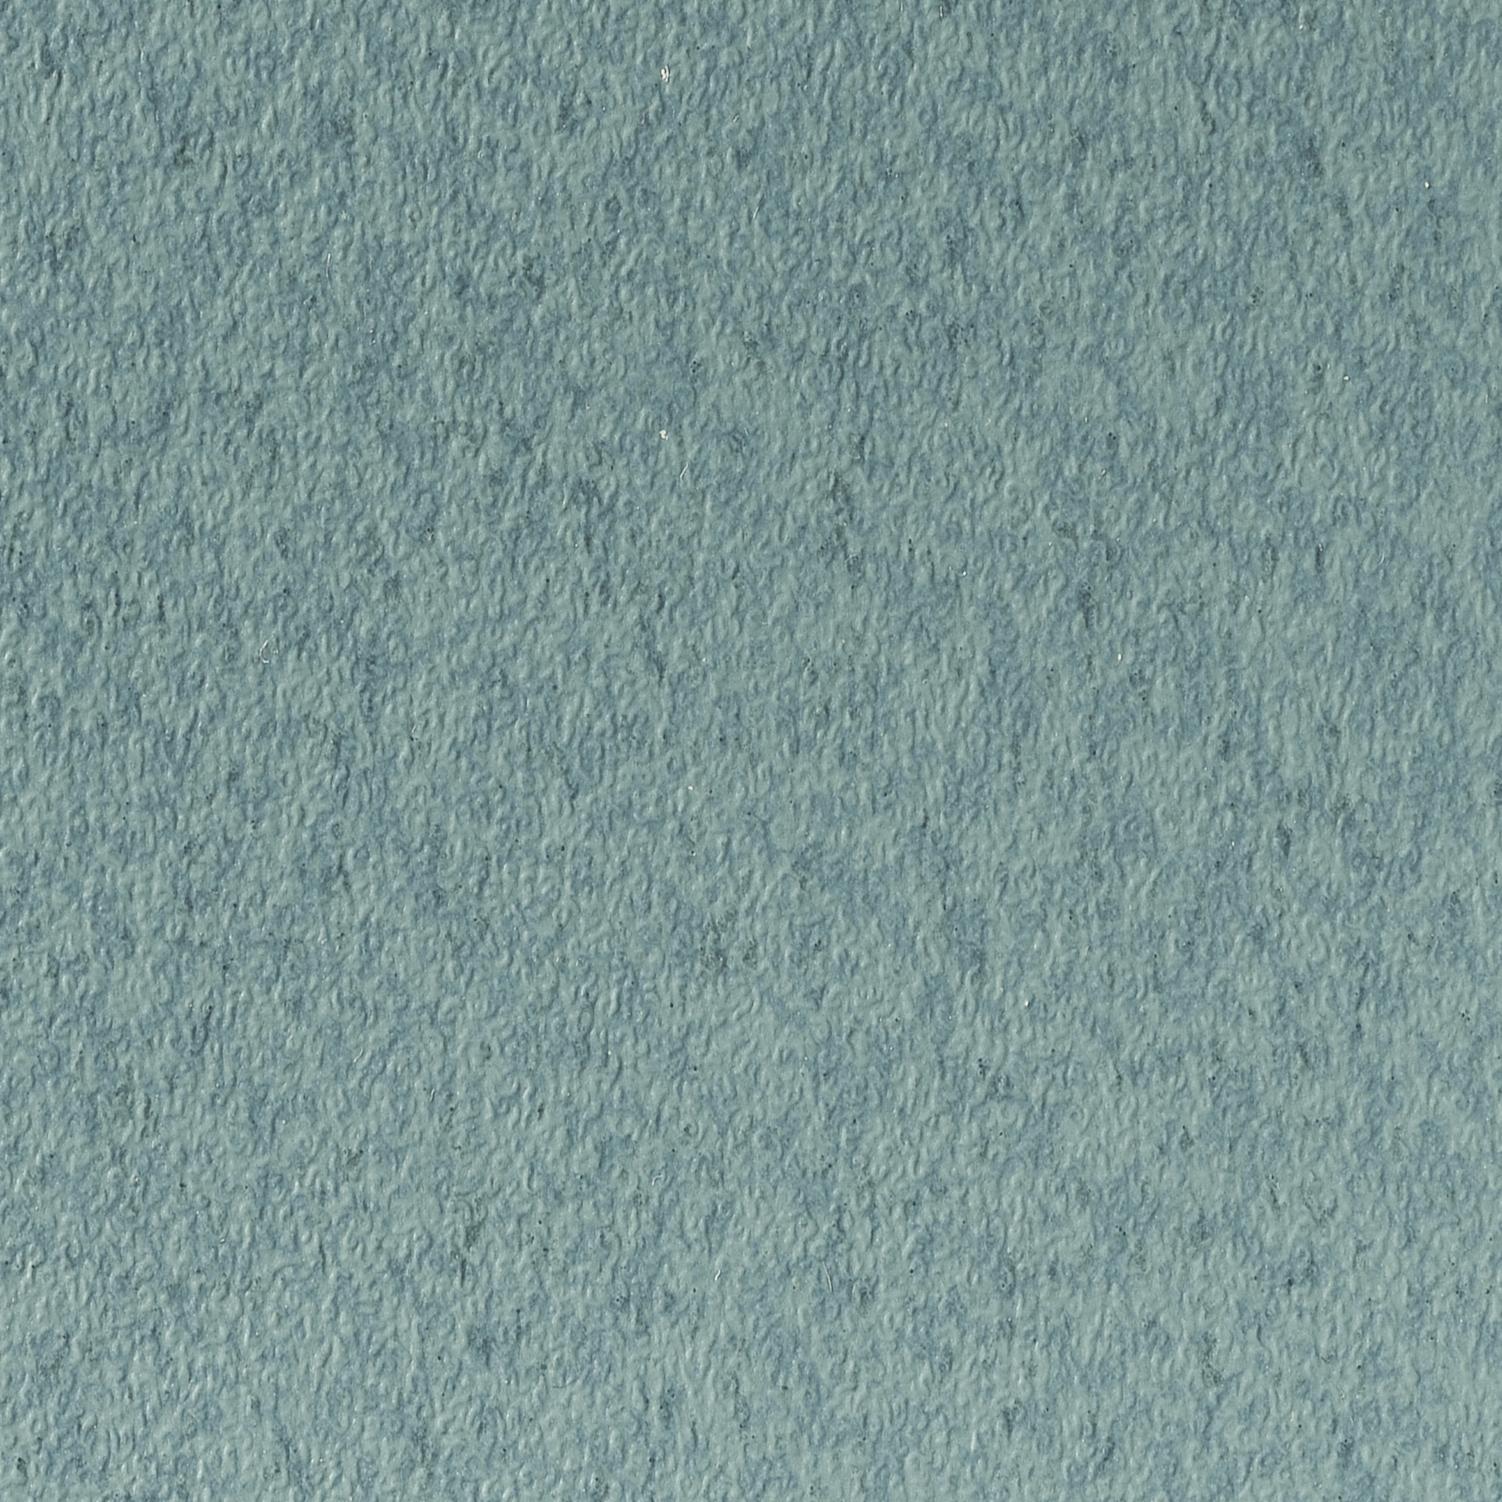 CLOUD BLUE   TL-54